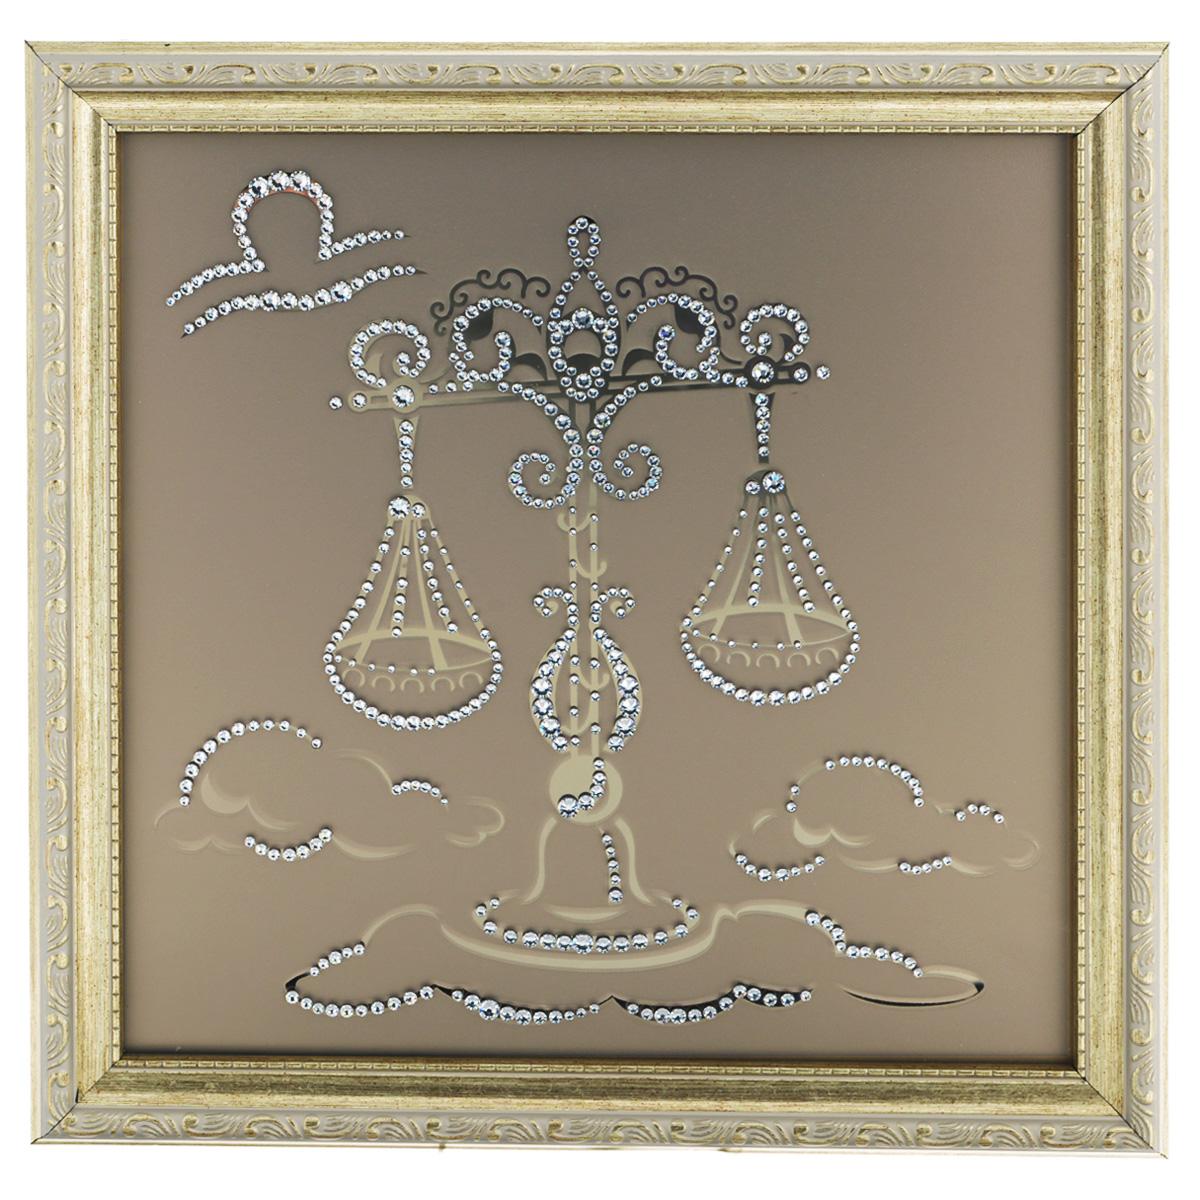 Картина с кристаллами Swarovski Знак зодиака. Весы, 35 х 35 смIDEA FL2-07Изящная картина в багетной раме, инкрустирована кристаллами Swarovski в виде знака зодиака - Весы на матовом стекле золотистого цвета. Кристаллы Swarovski отличаются четкой и ровной огранкой, ярким блеском и чистотой цвета. С обратной стороны имеется металлическая проволока для размещения картины на стене. Картина с кристаллами Swarovski Знак зодиака. Весы элегантно украсит интерьер дома или офиса, а также станет прекрасным подарком, который обязательно понравится получателю. Блеск кристаллов в интерьере, что может быть сказочнее и удивительнее. Картина упакована в подарочную картонную коробку синего цвета и комплектуется сертификатом соответствия Swarovski.